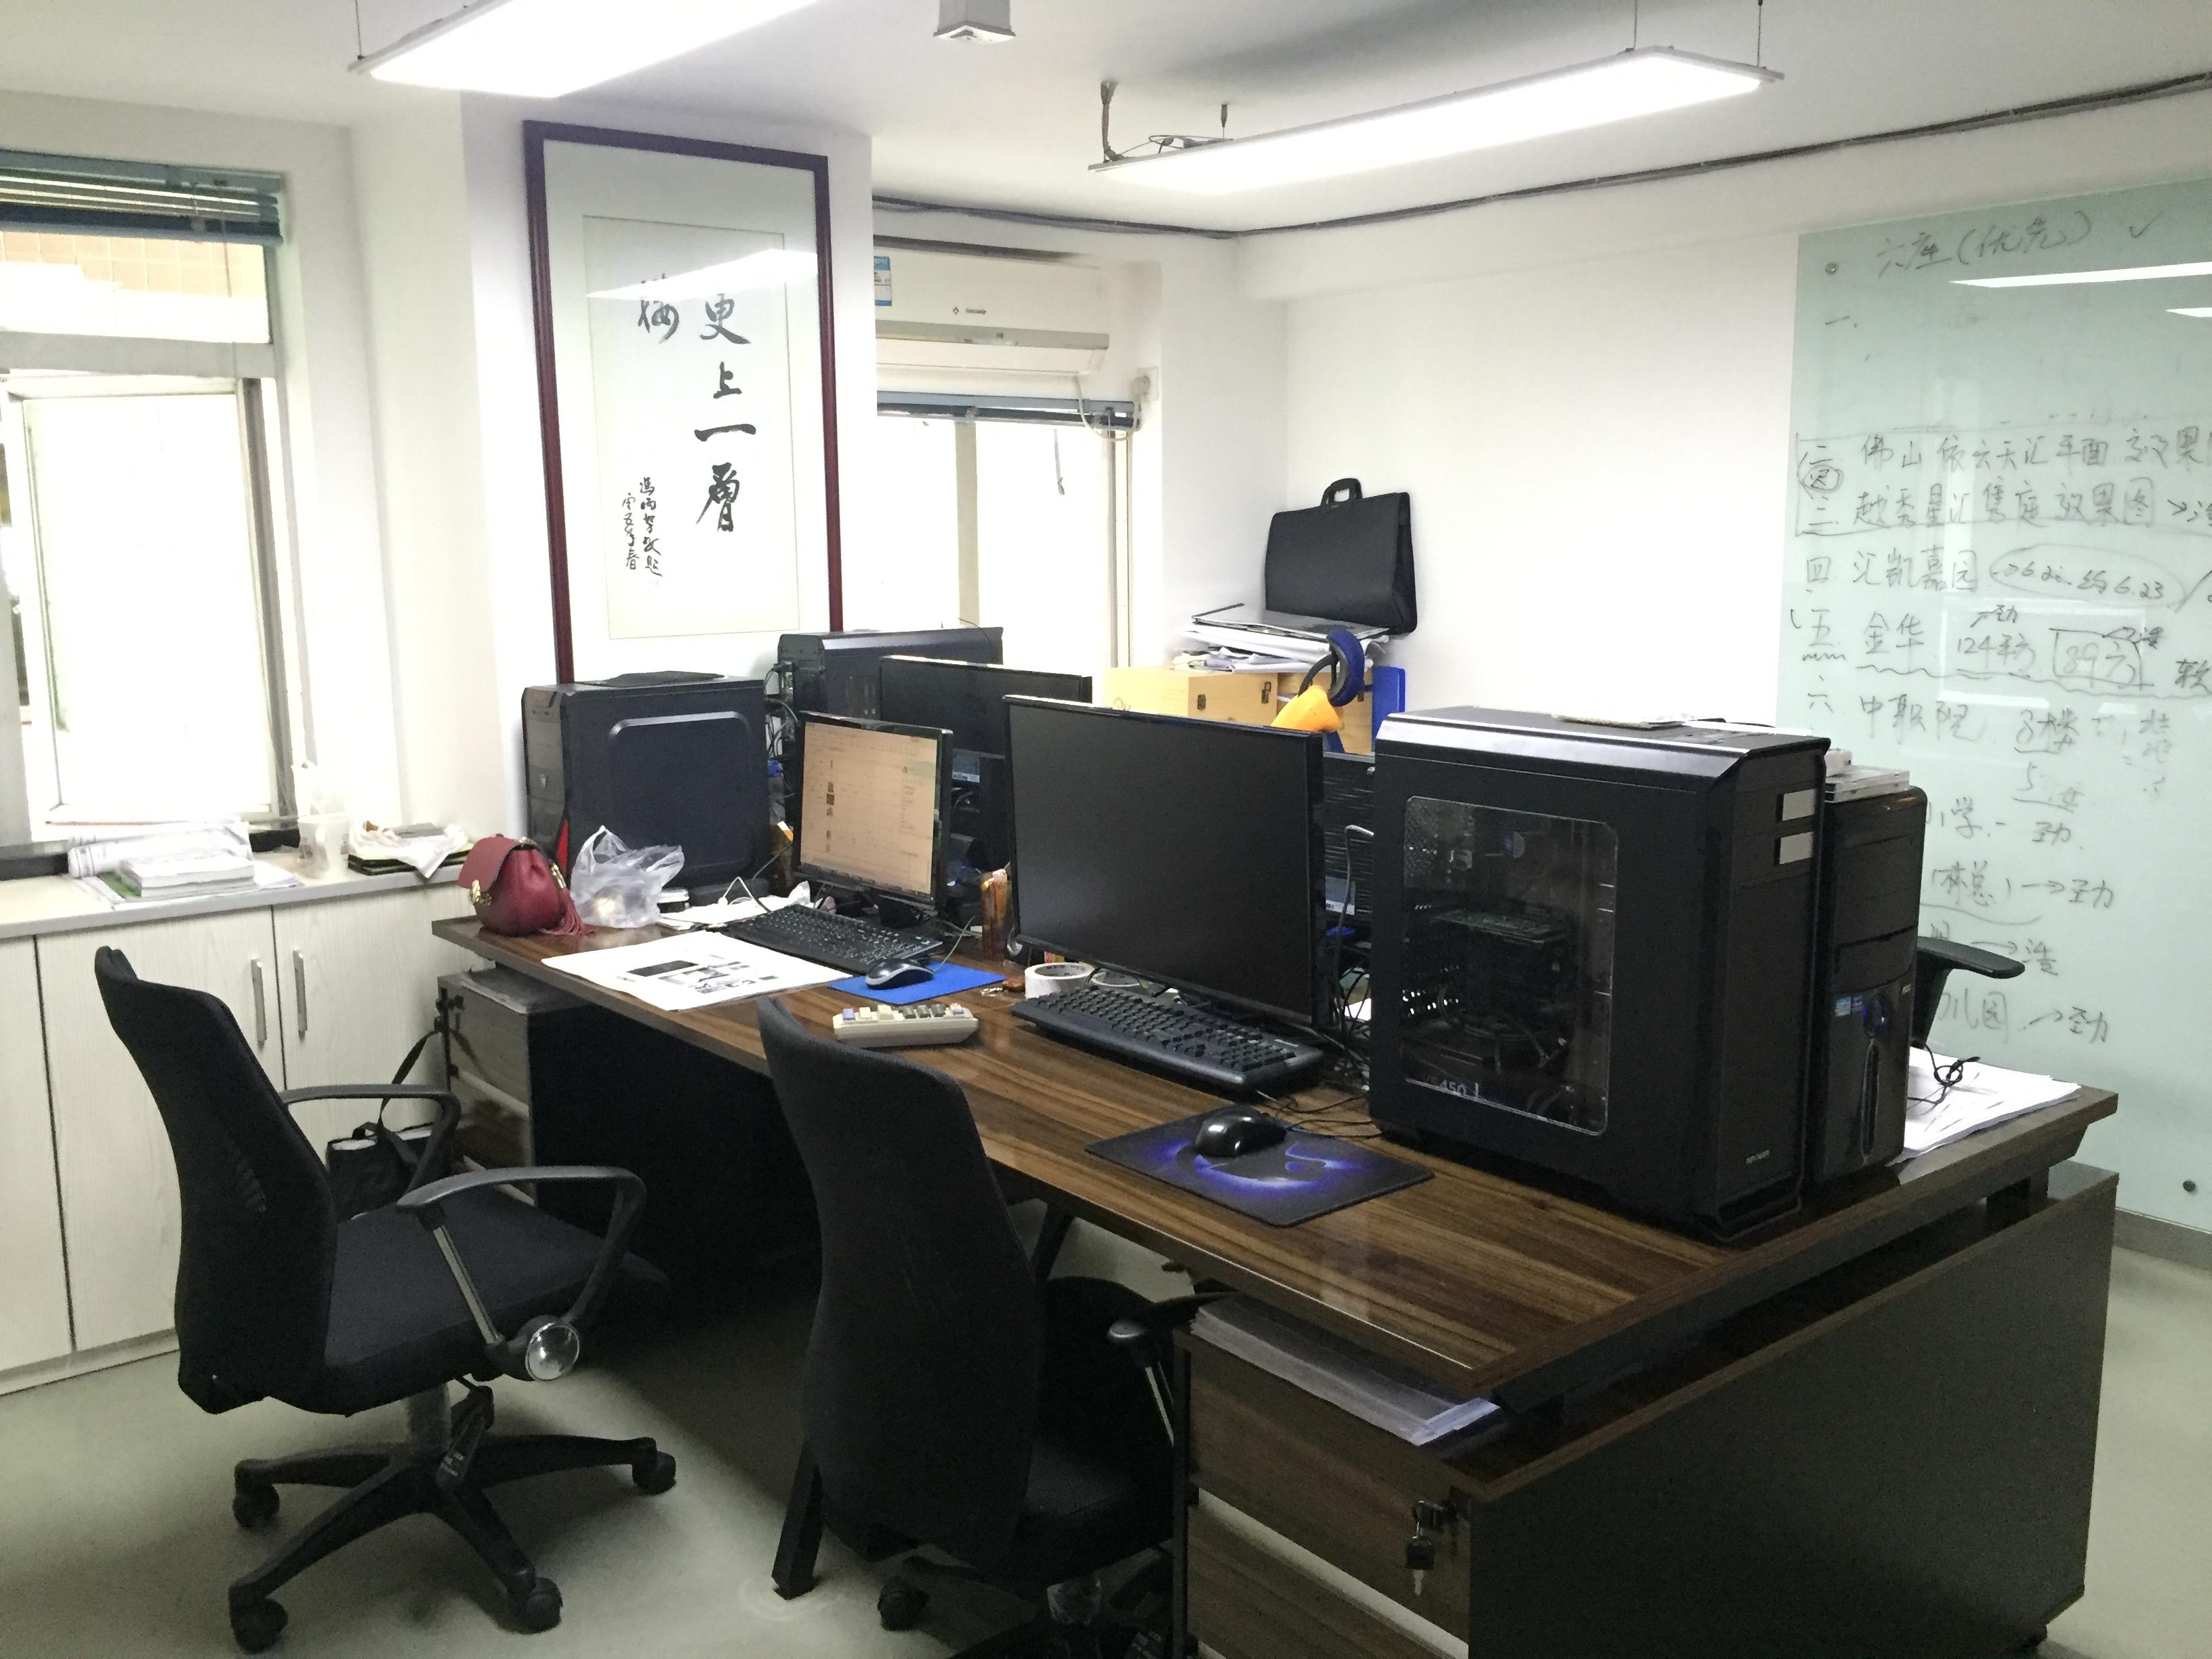 中山市品盛装饰设计工程有限公司 _国际人才网_job001.cn